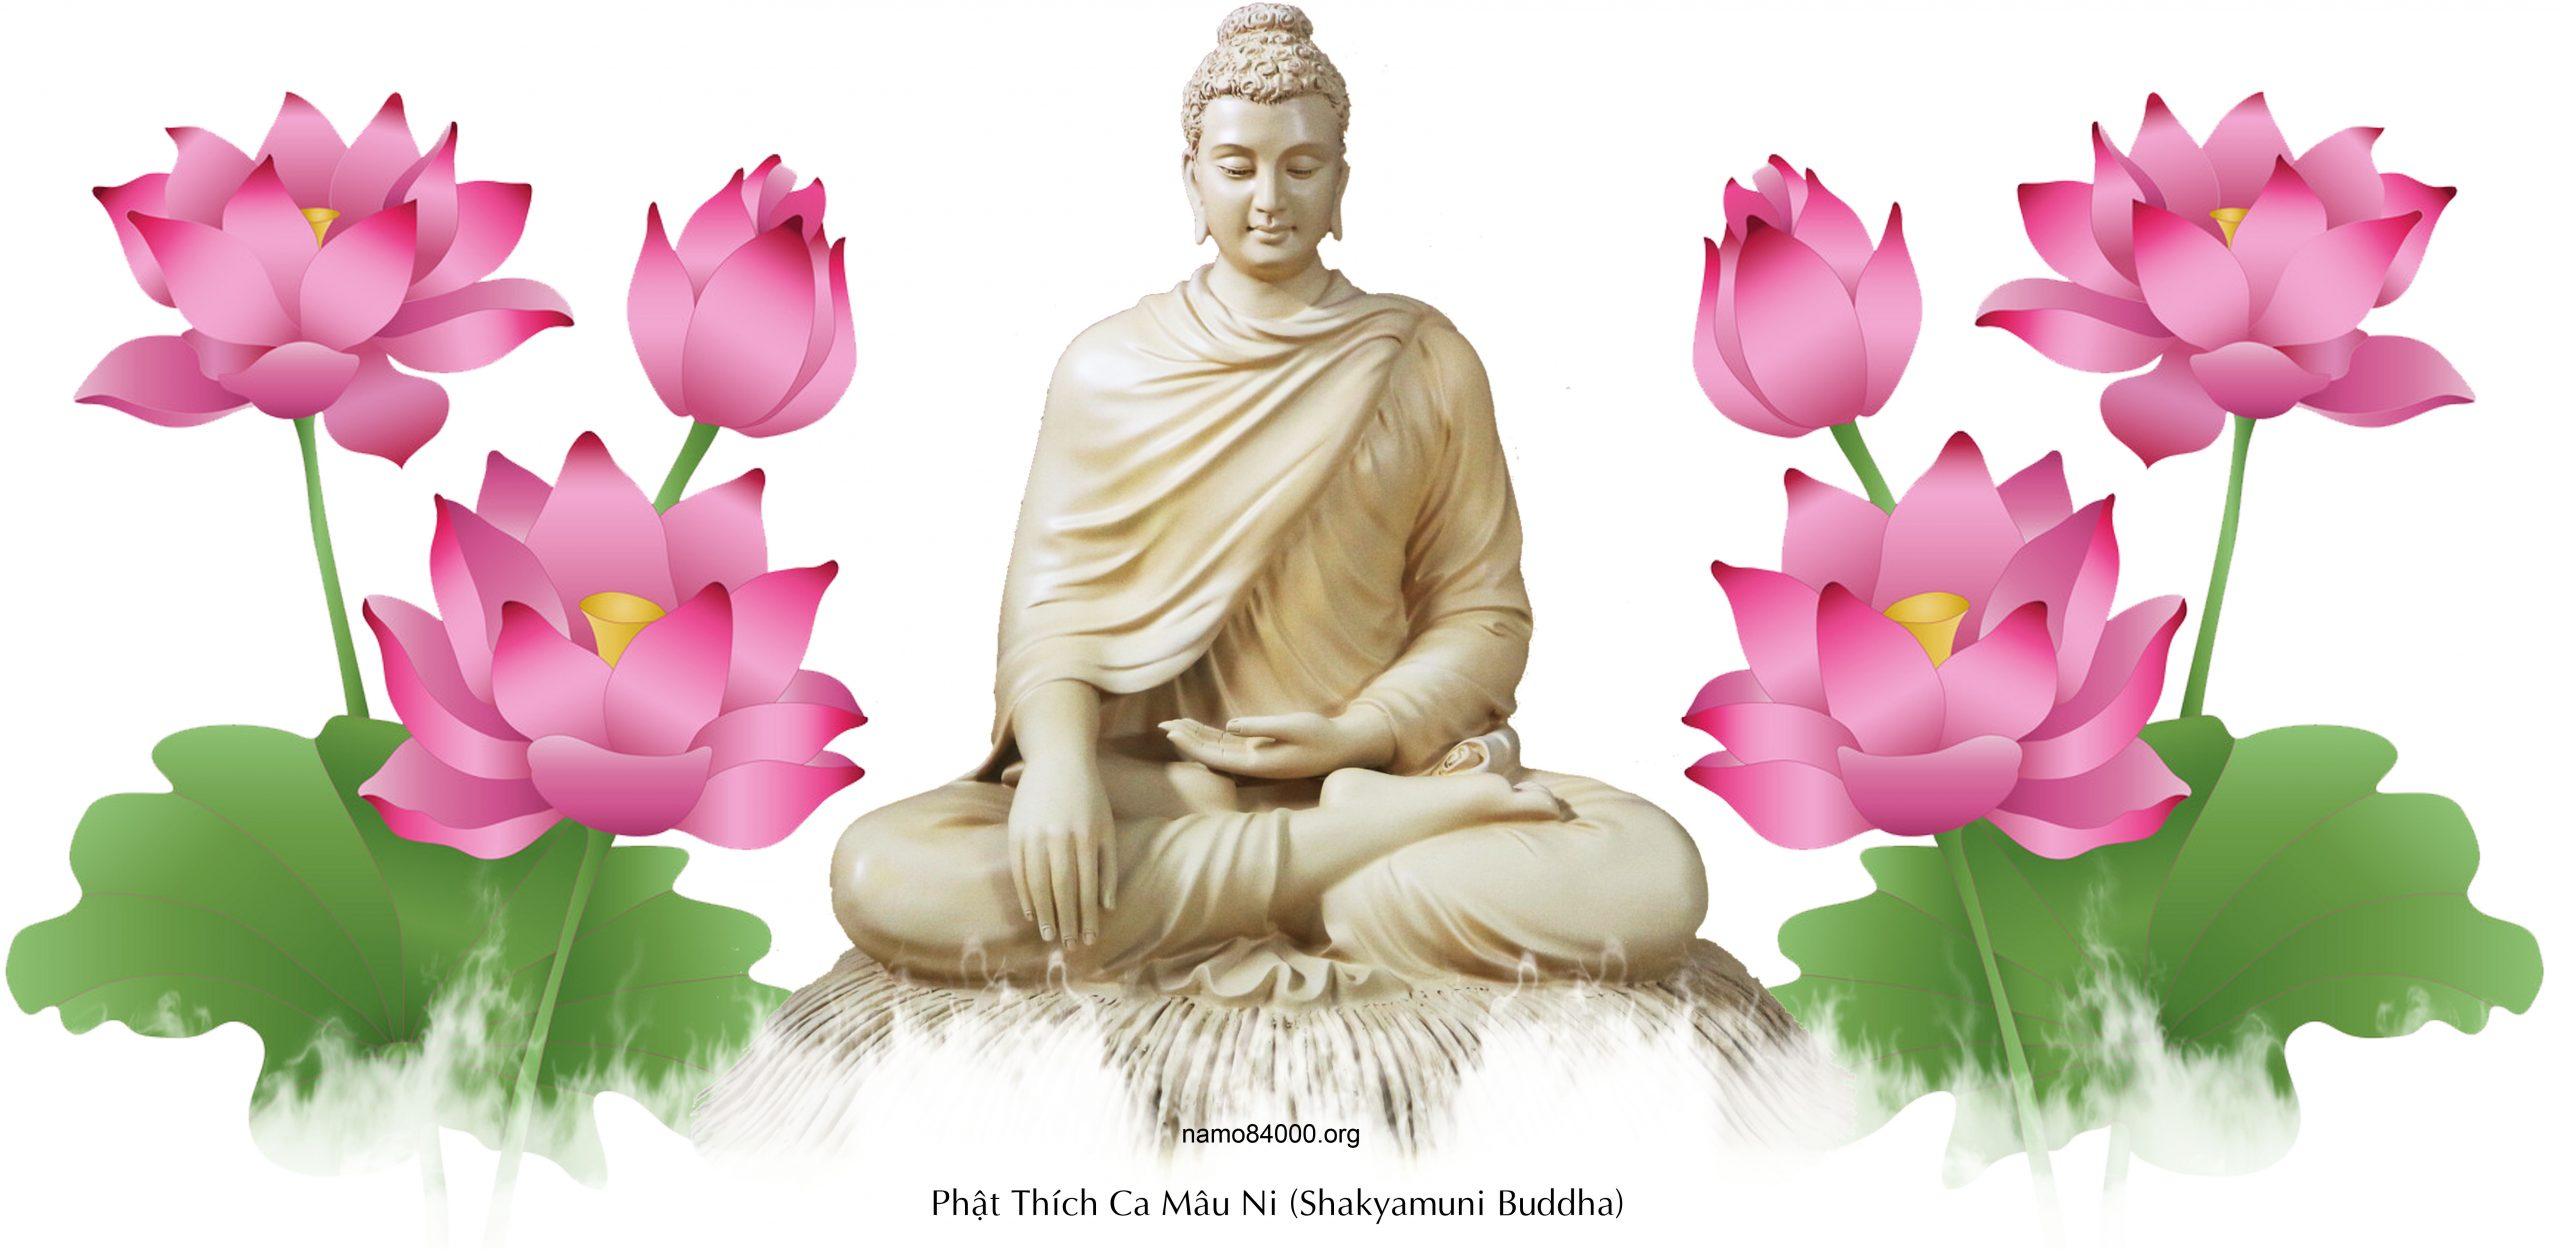 Phật Hiện Tại: Đức Phật Thích Ca Mâu Ni hay Tất Đạt Đa Cồ Đàm